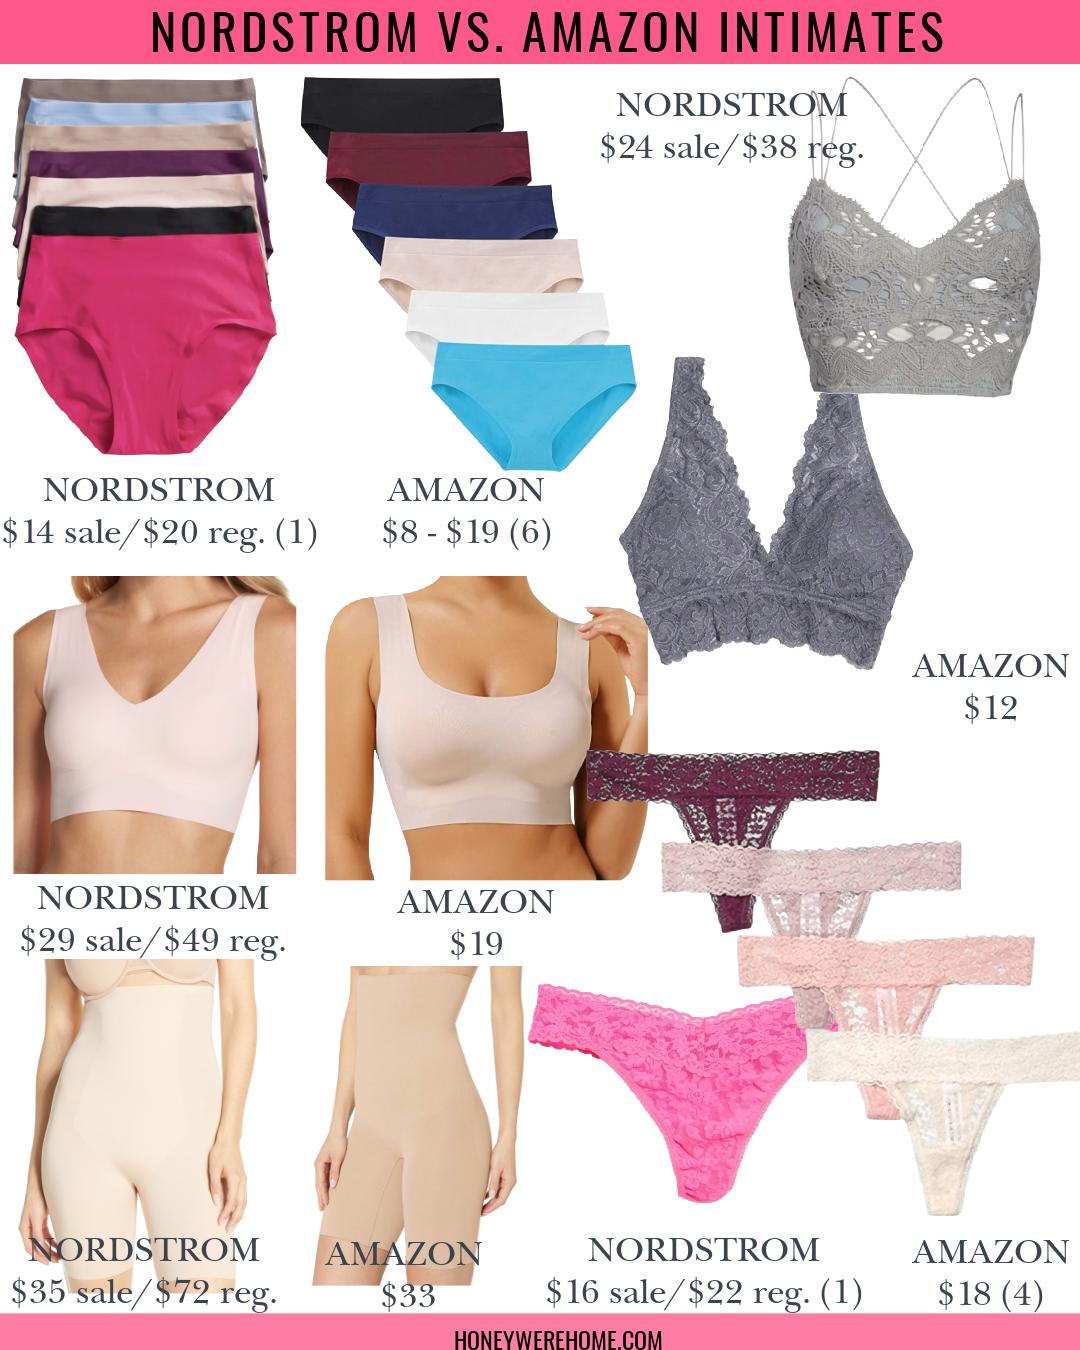 Nordstrom vs. Amazon Intimates